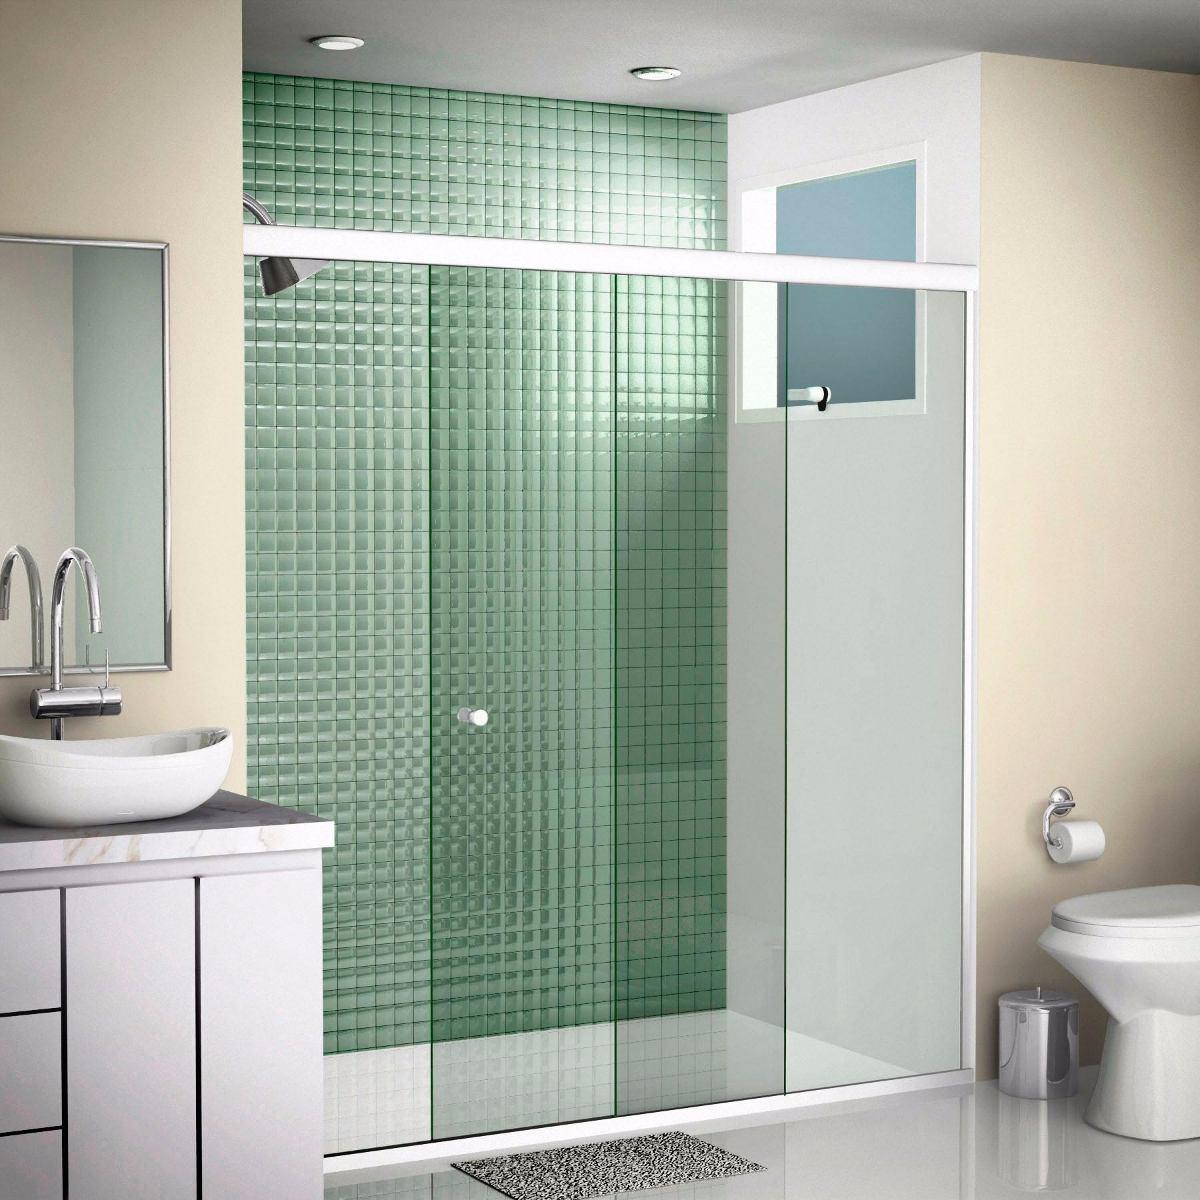 Box Para Banheiro Preço Imperdivel Modelo Blindex R$60 M2 R$ 60 00  #46654E 1200 1200